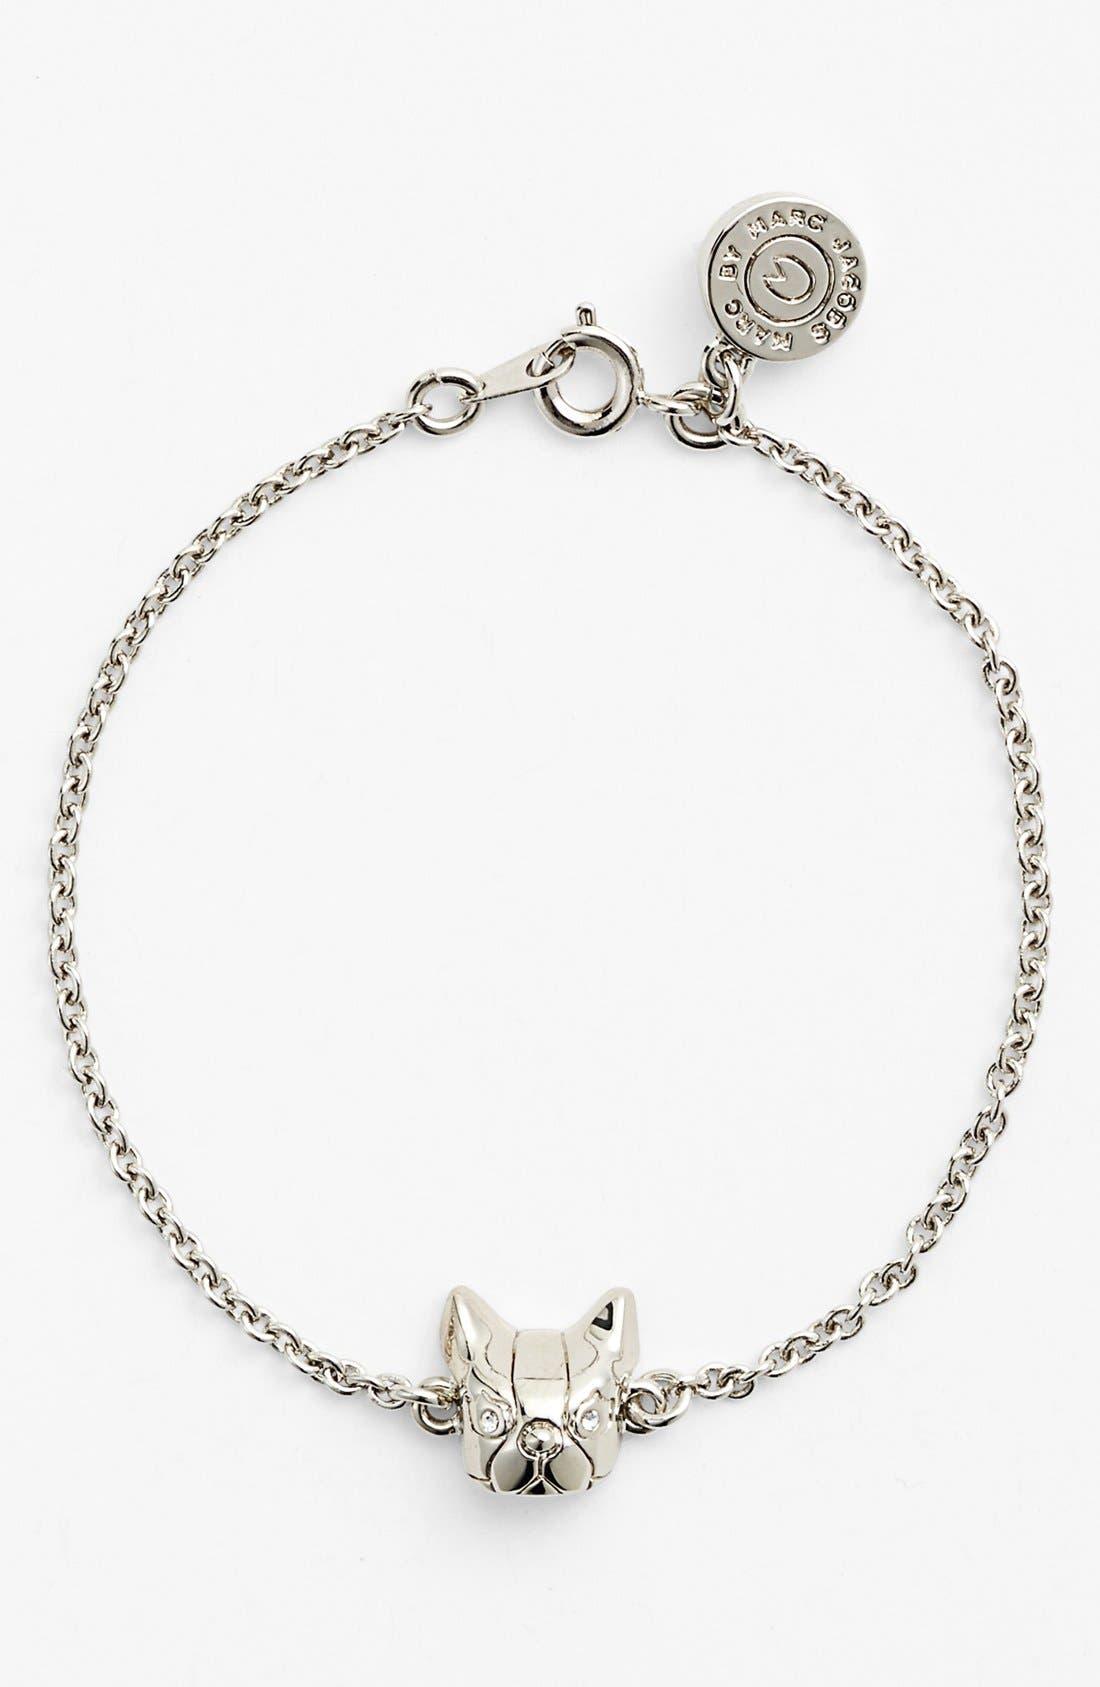 Main Image - MARC BY MARC JACOBS 'Dynamite - Olive' Dog Line Bracelet